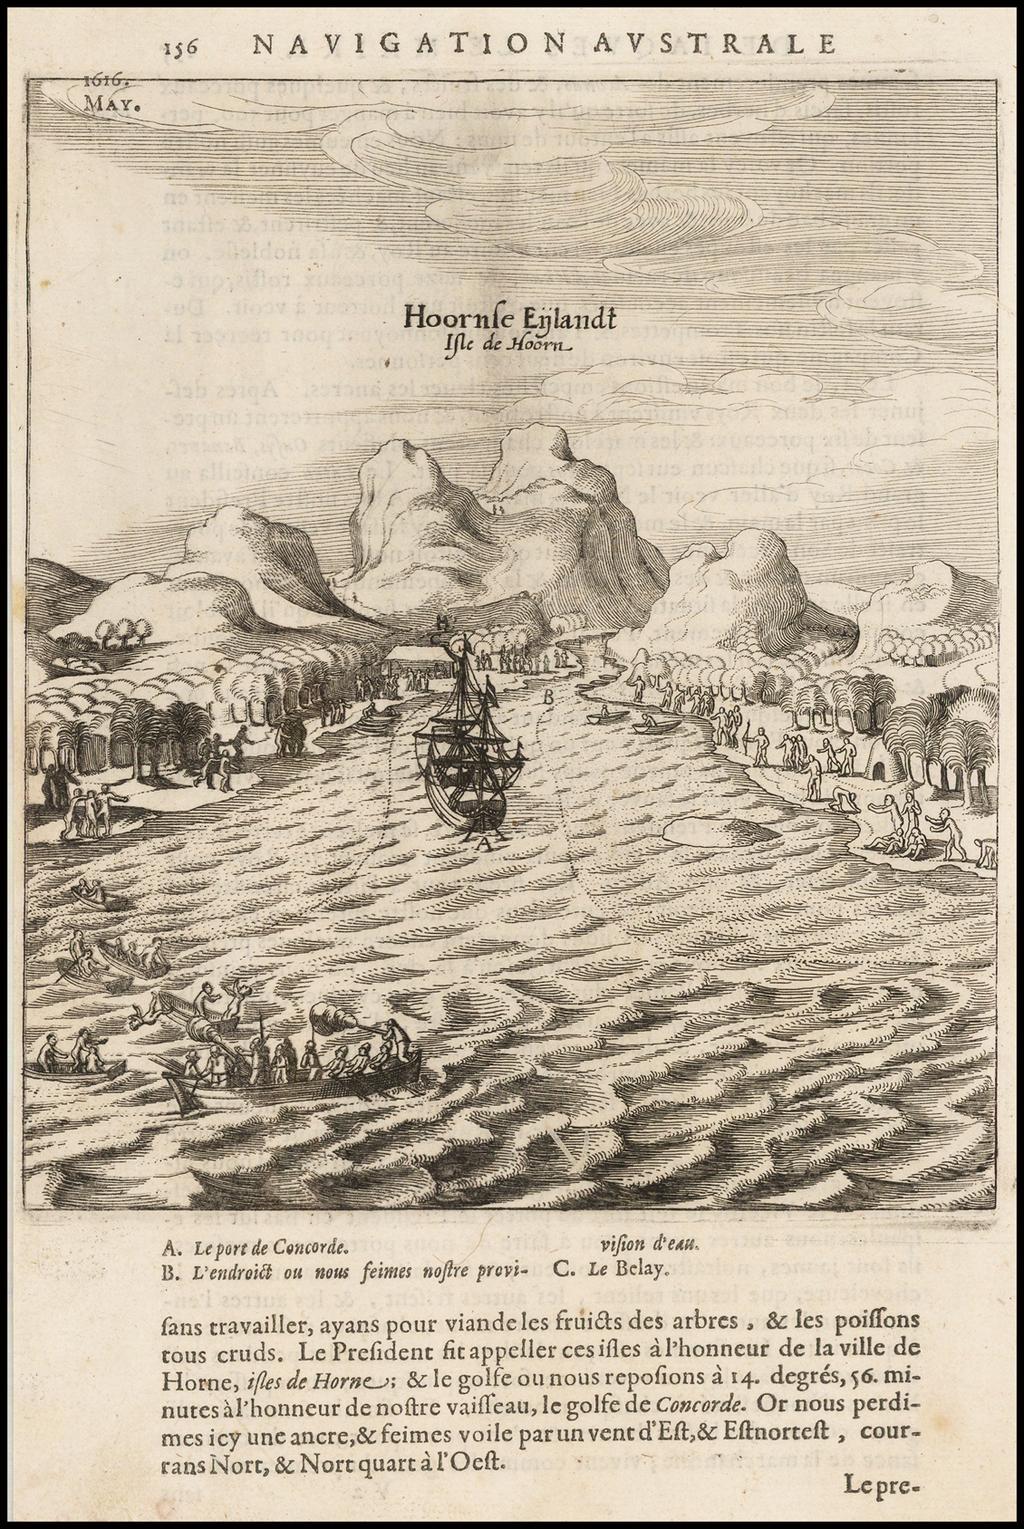 Hoornse Eijlandt By Antonio de Herrera y Tordesillas